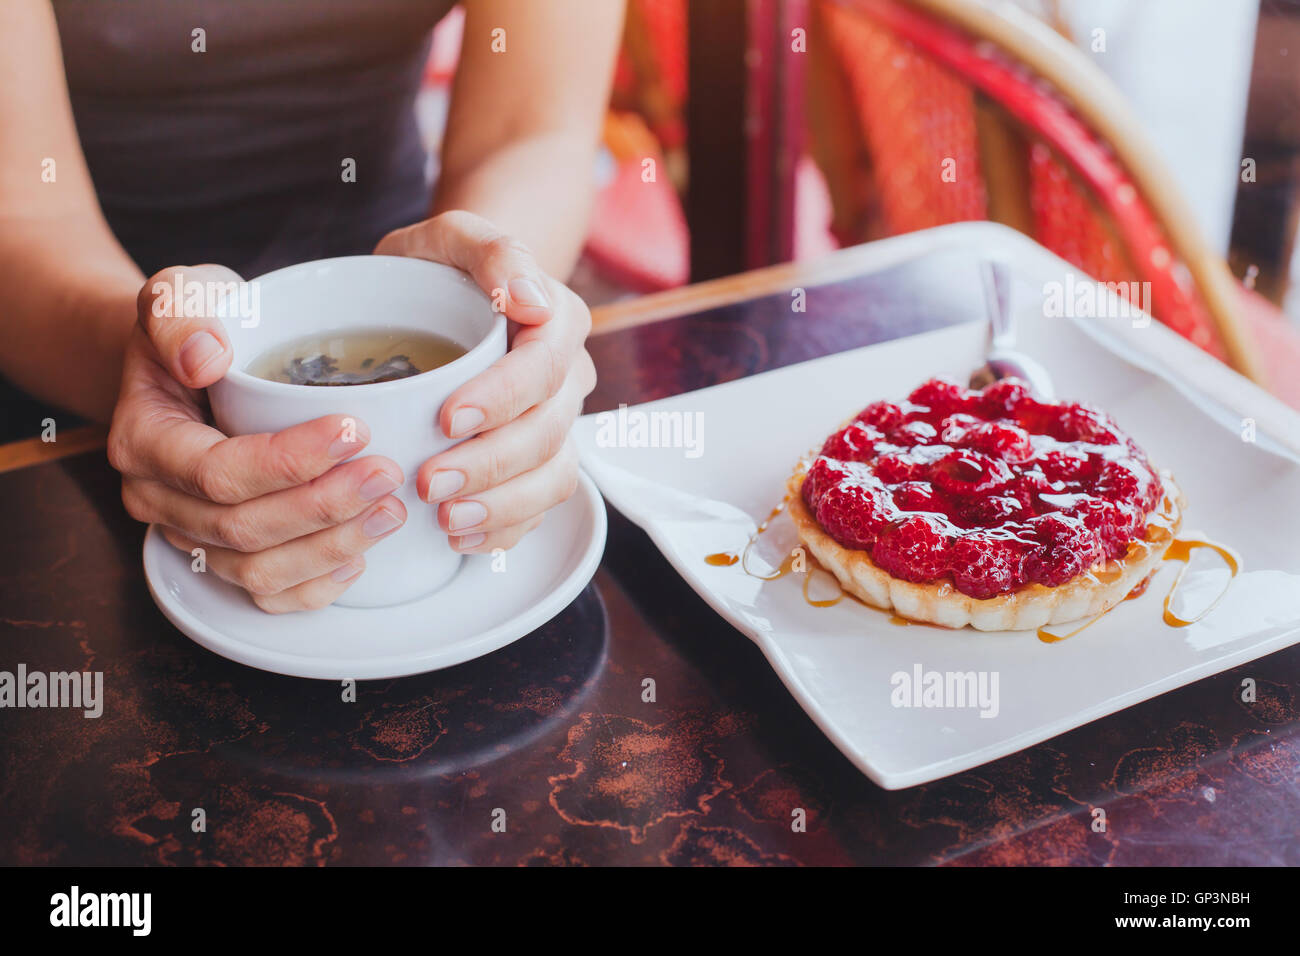 Bere il tè con dessert in cafe, close up delle mani con coppa e torta di frutta Immagini Stock